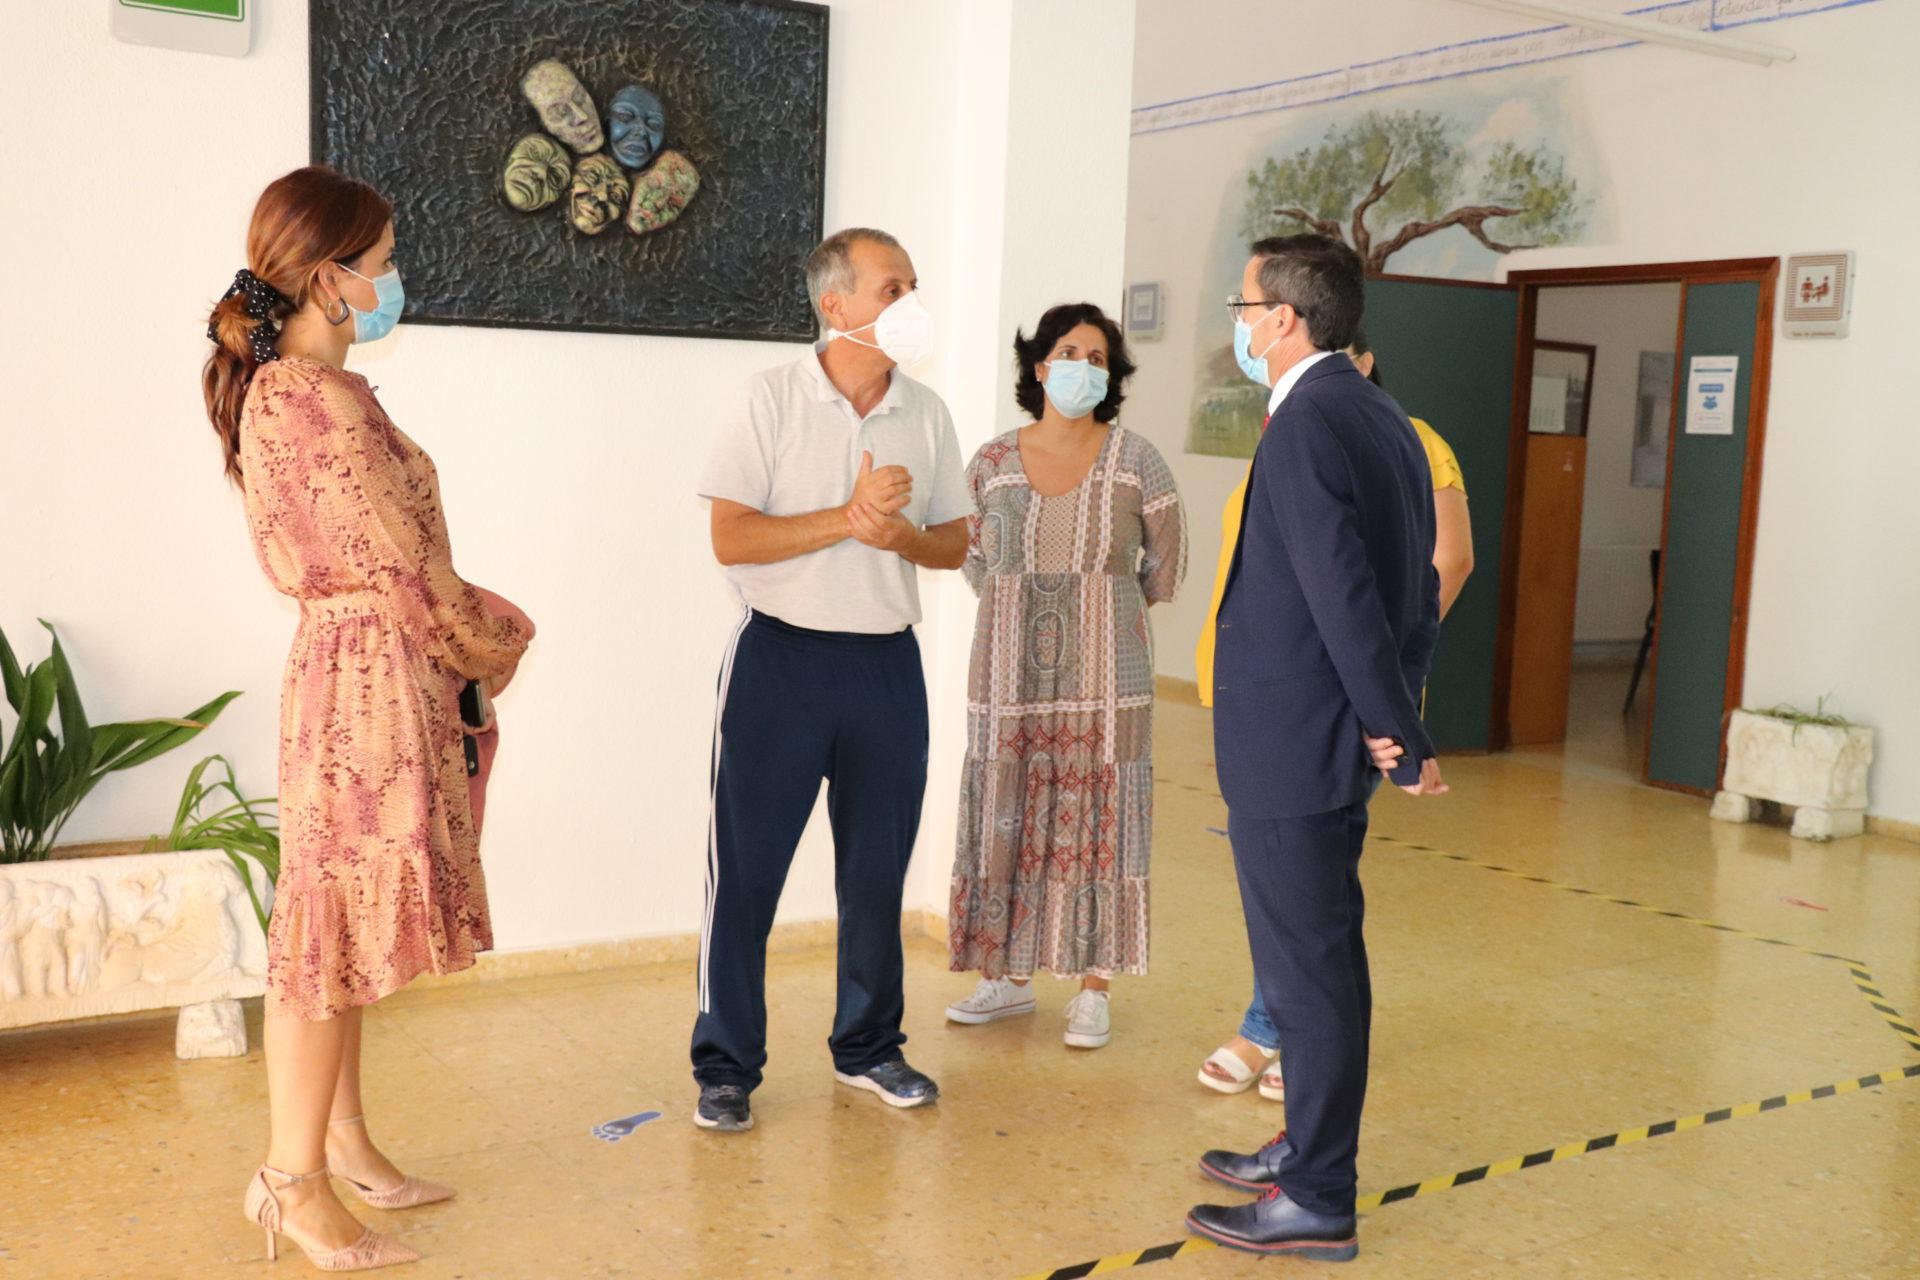 El alcalde visita el CEIP Santiago Apóstol para conocer el inicio de curso